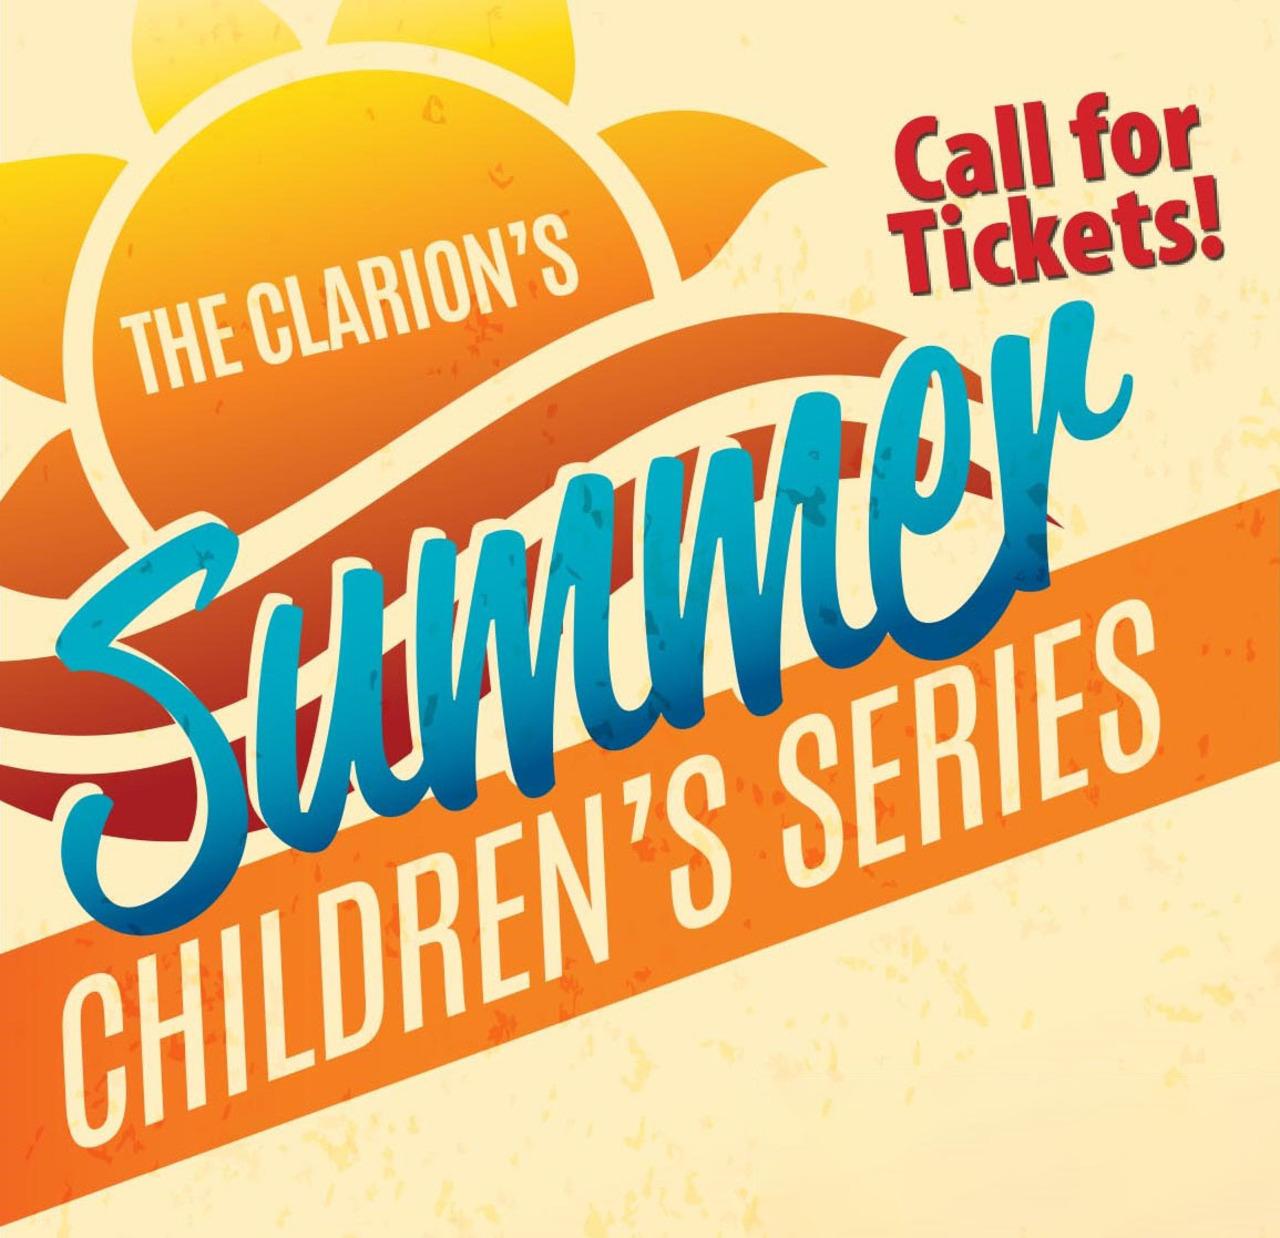 Summer Children's Series